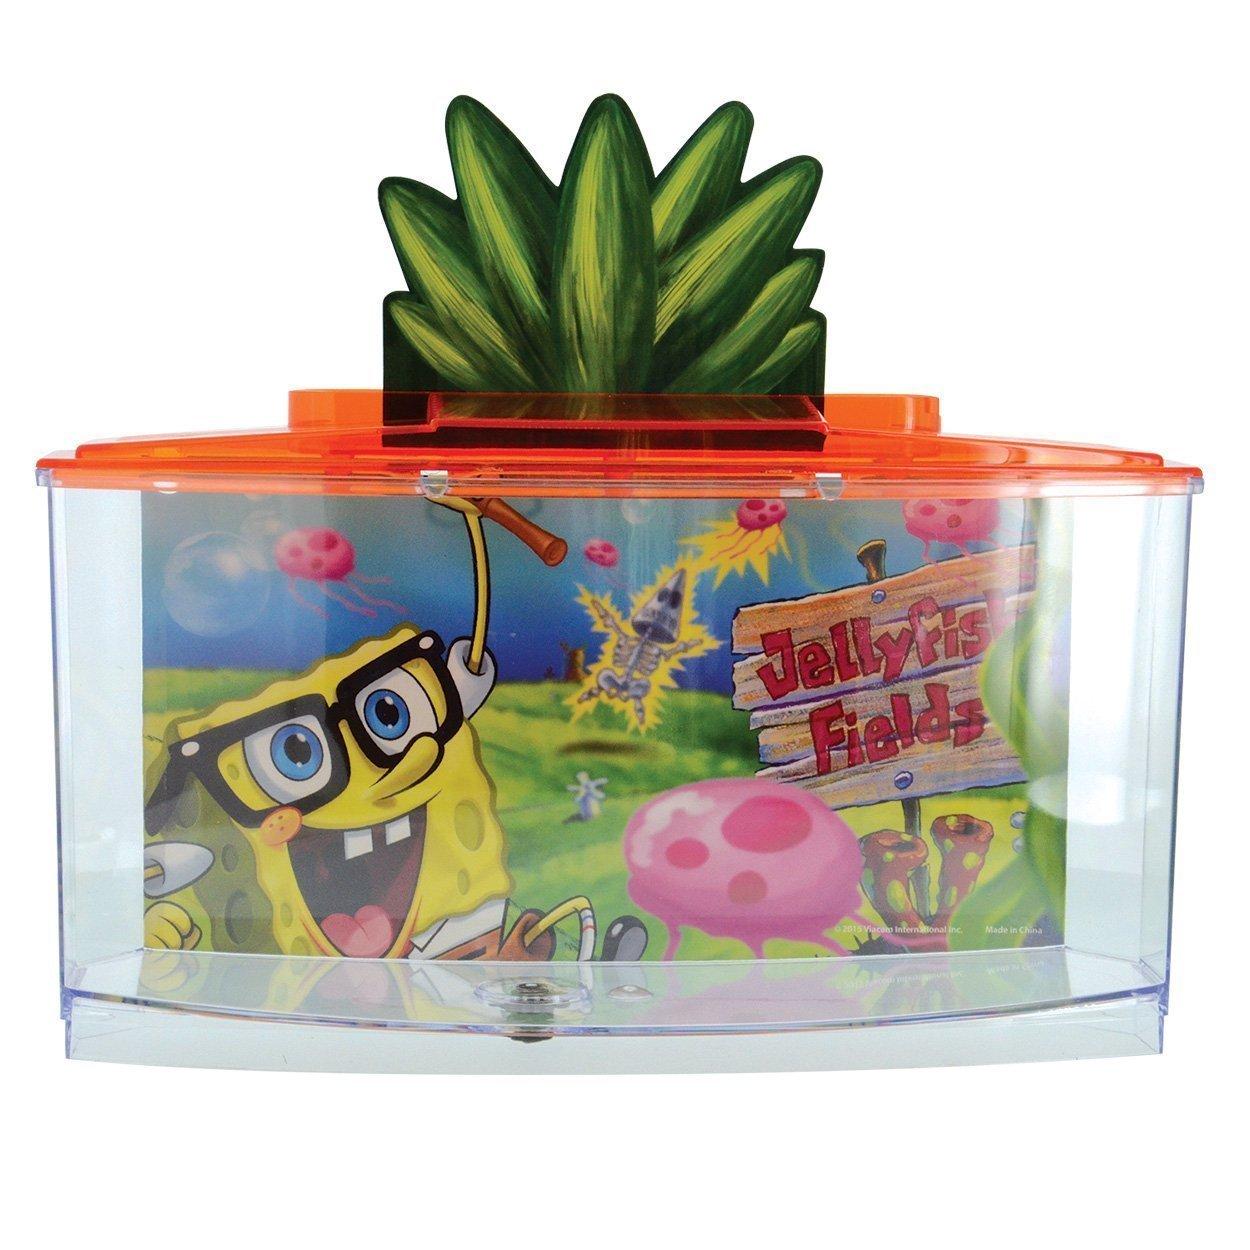 Penn Plax SBK108 Spongebob Betta Goldfish Fish Tank B01654VY0Y